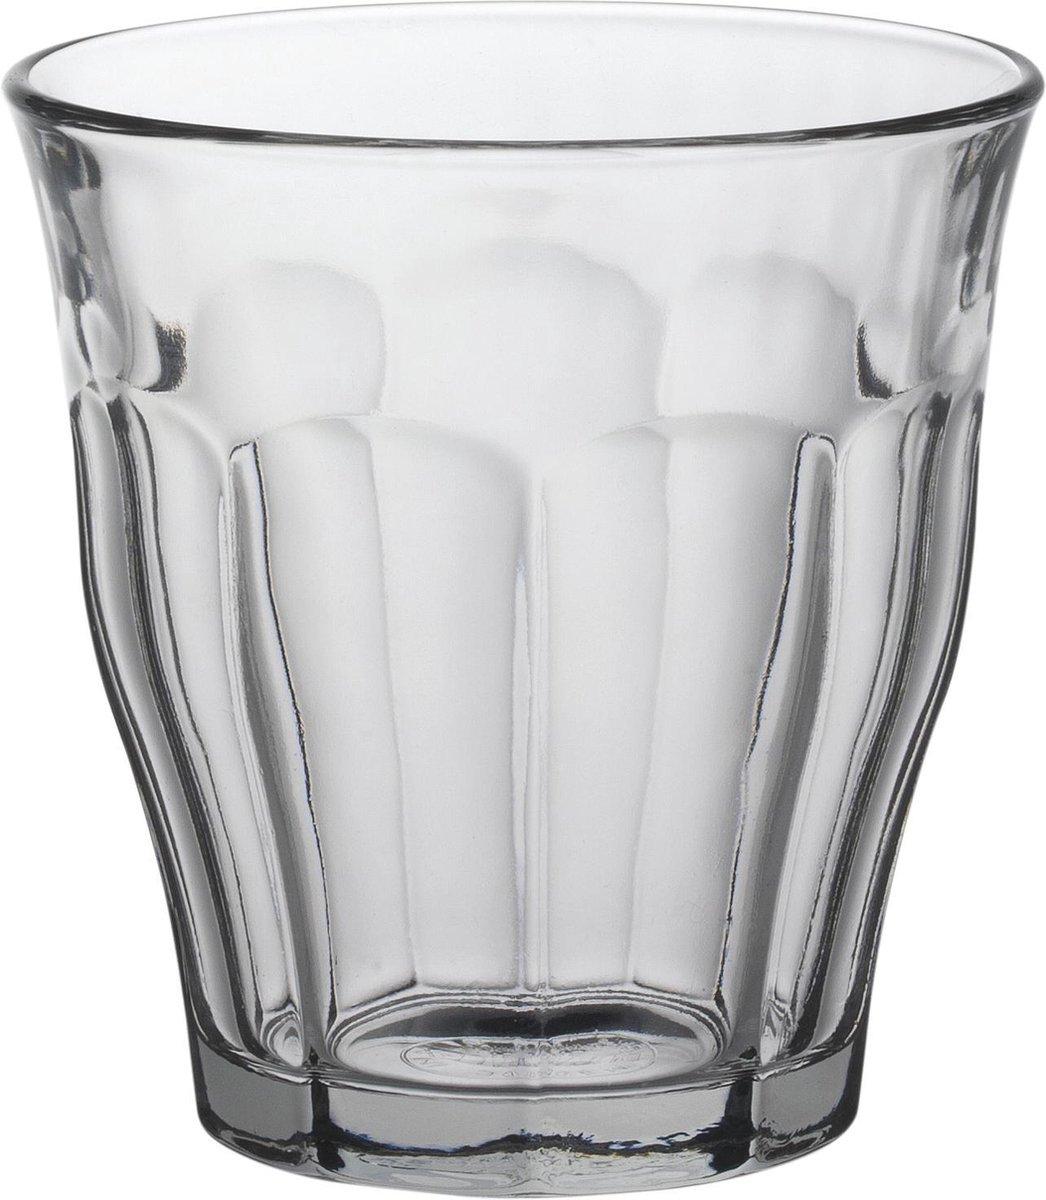 Duralex Picardie Waterglas 310 ml - Gehard glas - 6 stuks